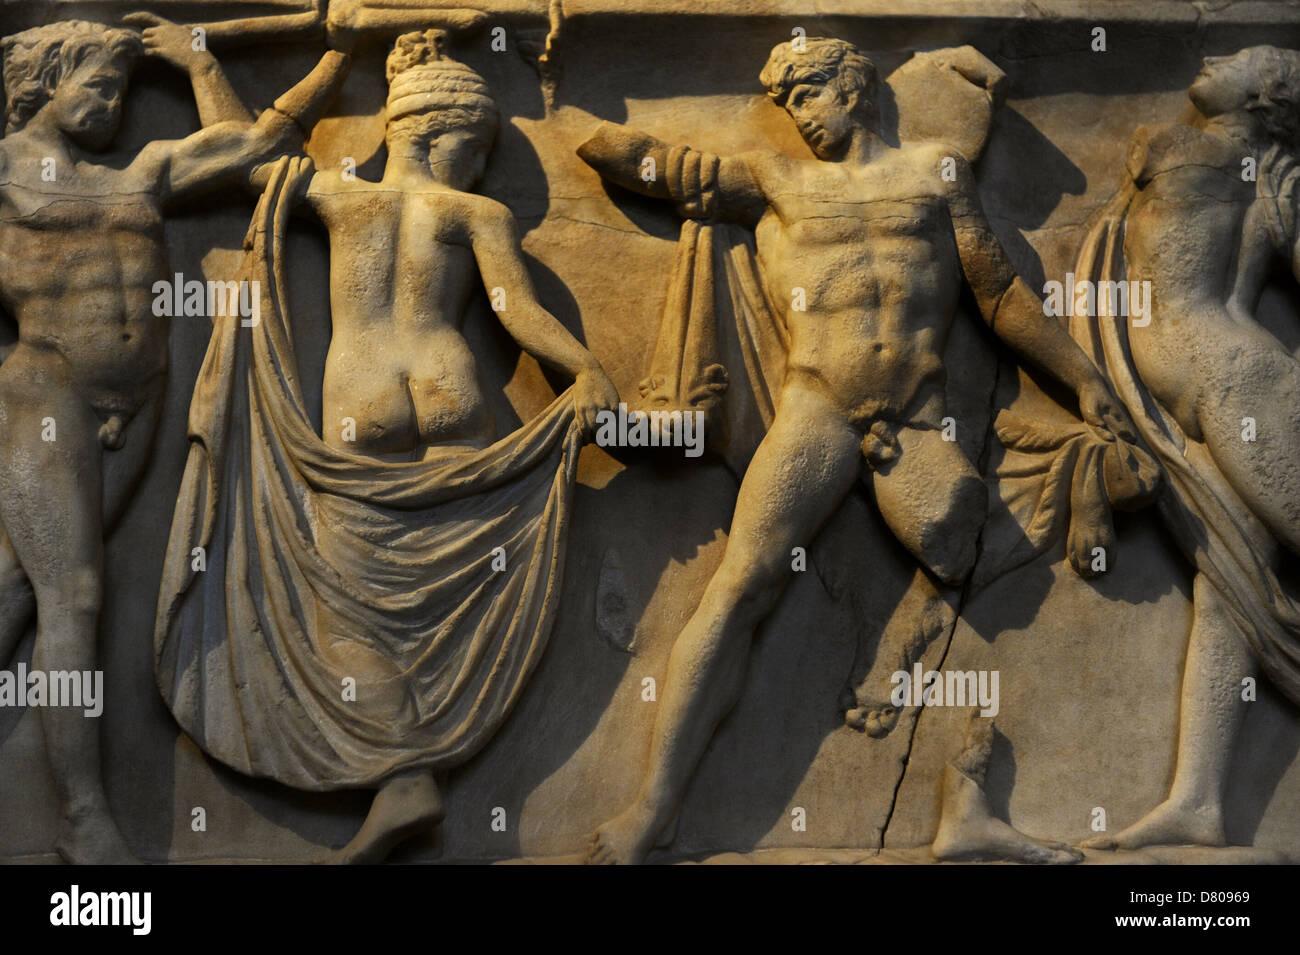 Parte delantera de sarcófago. El trabajo moderno después del siglo II D.C. originales. Matrimonio de Dionisio y Adriane. Glyptothek. Munich. Foto de stock